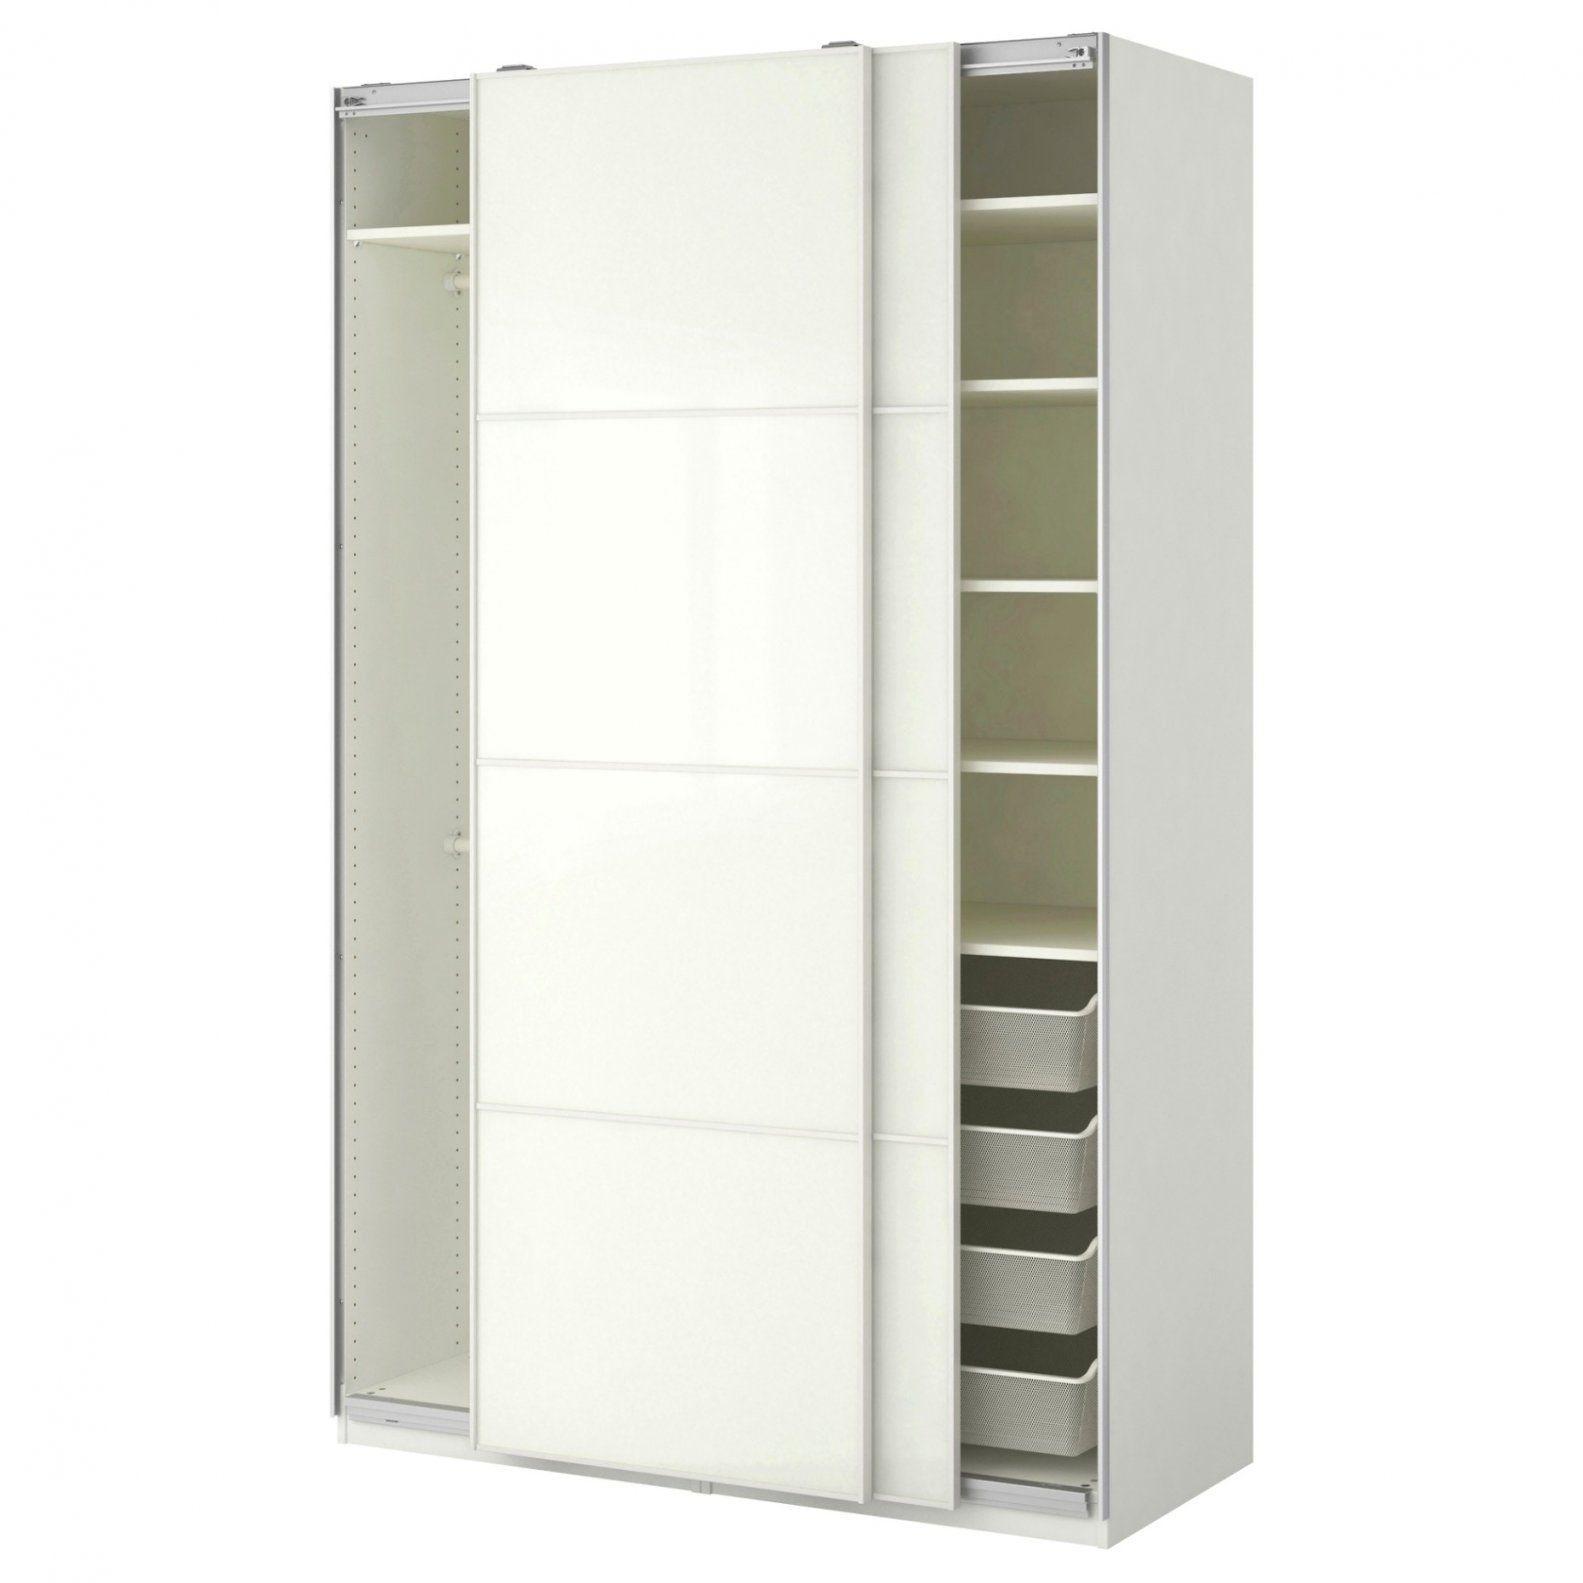 Oben Möbel Kleiderschränke Günstig Line Kaufen Zum Möbel Boss von Möbel Boss Kleiderschrank Weiß Bild